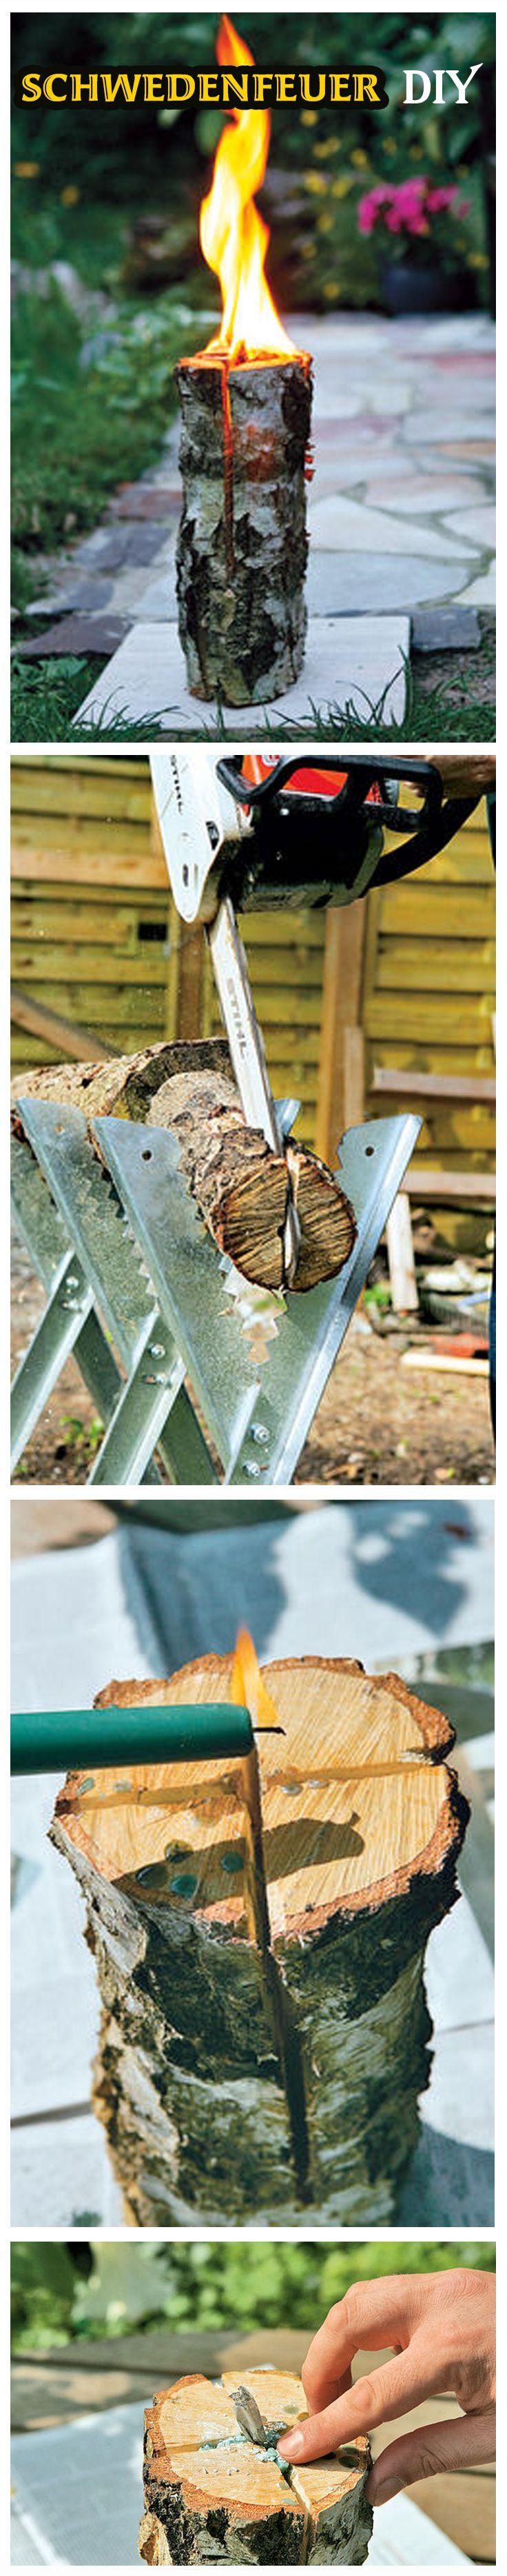 Baumfackeln, auch bekannt als Schwedenfeuer, sind ein gute Alternative zum…